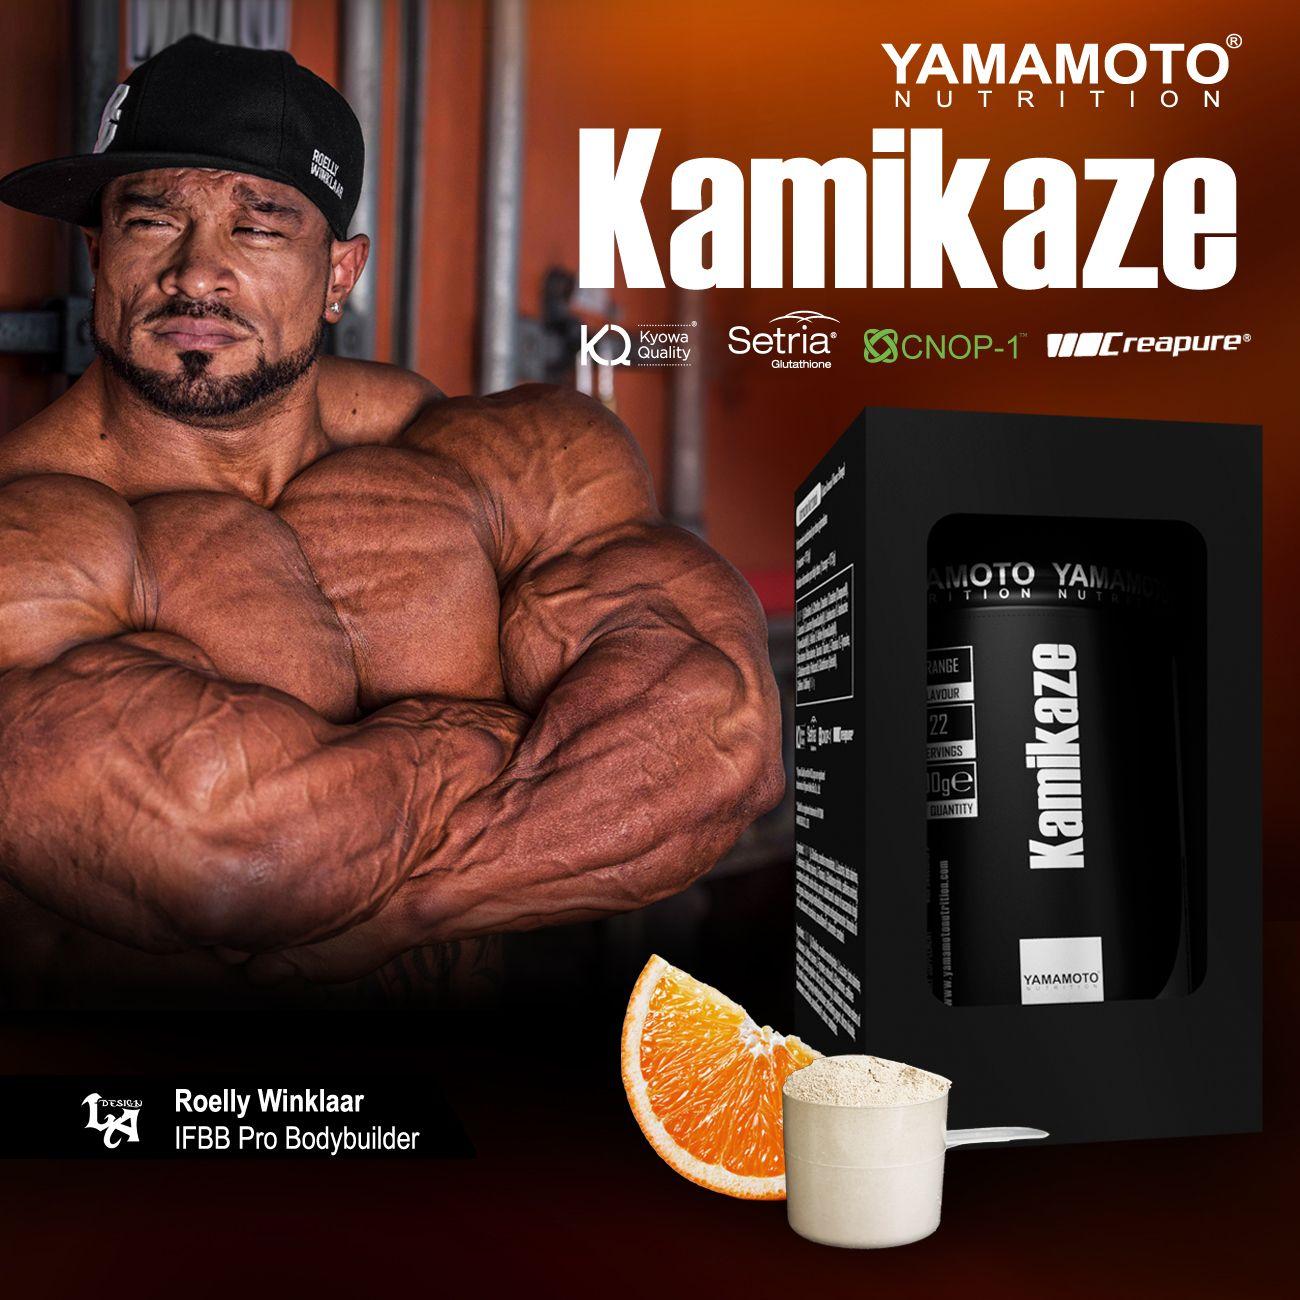 Image result for yamamoto kamikaze